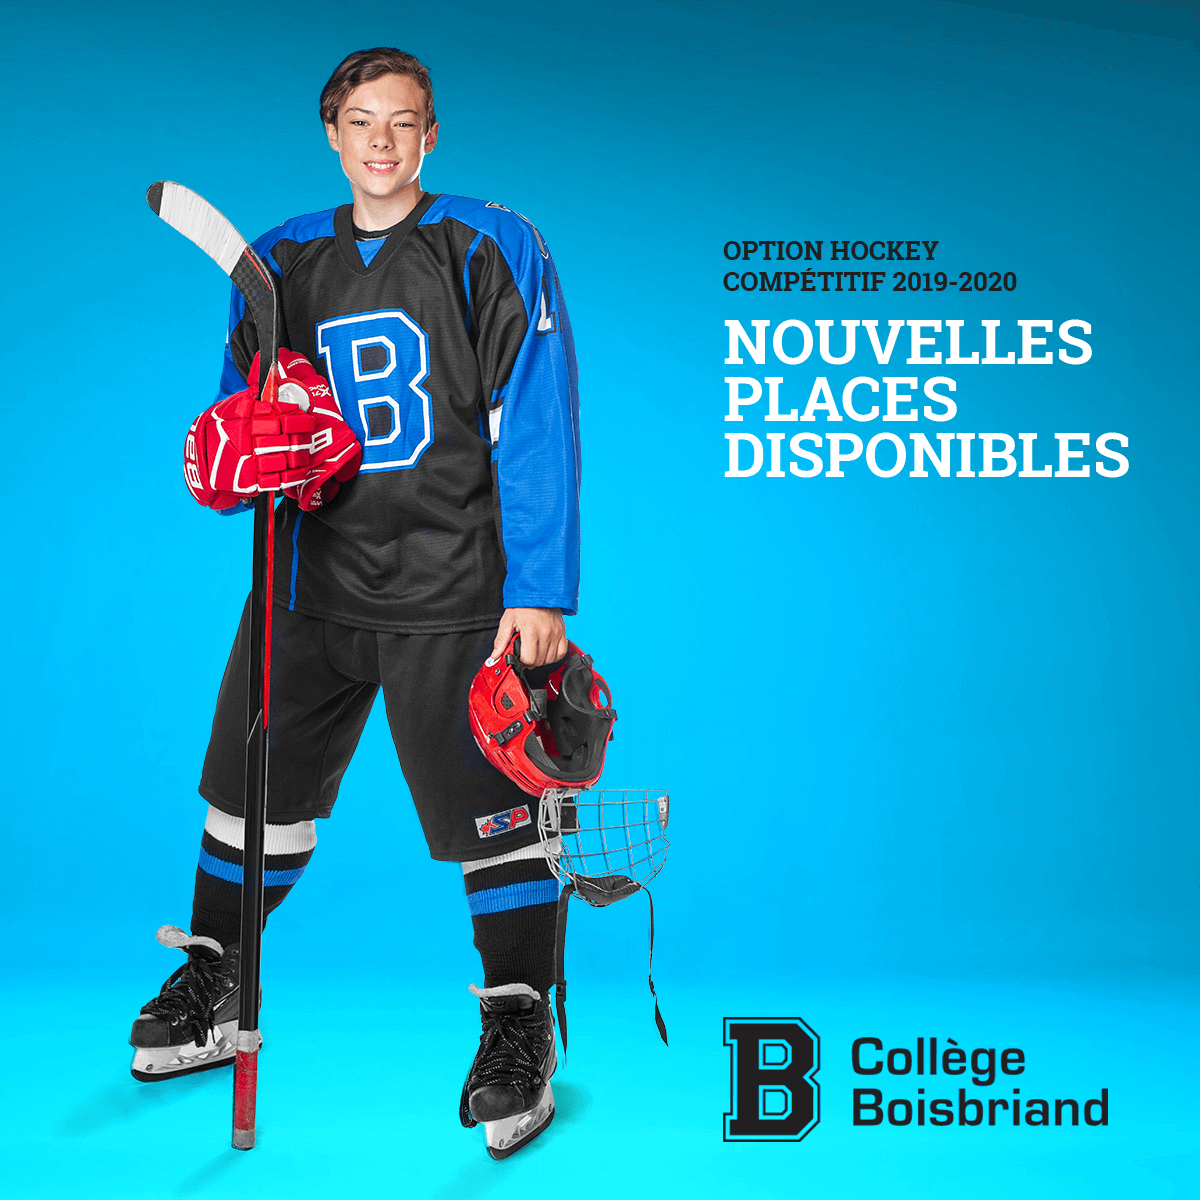 Joueur de hockey du Collège Boisbriand et du texte disant: Option hockey compétitif 2019-2020 nouvelles places disponibles.